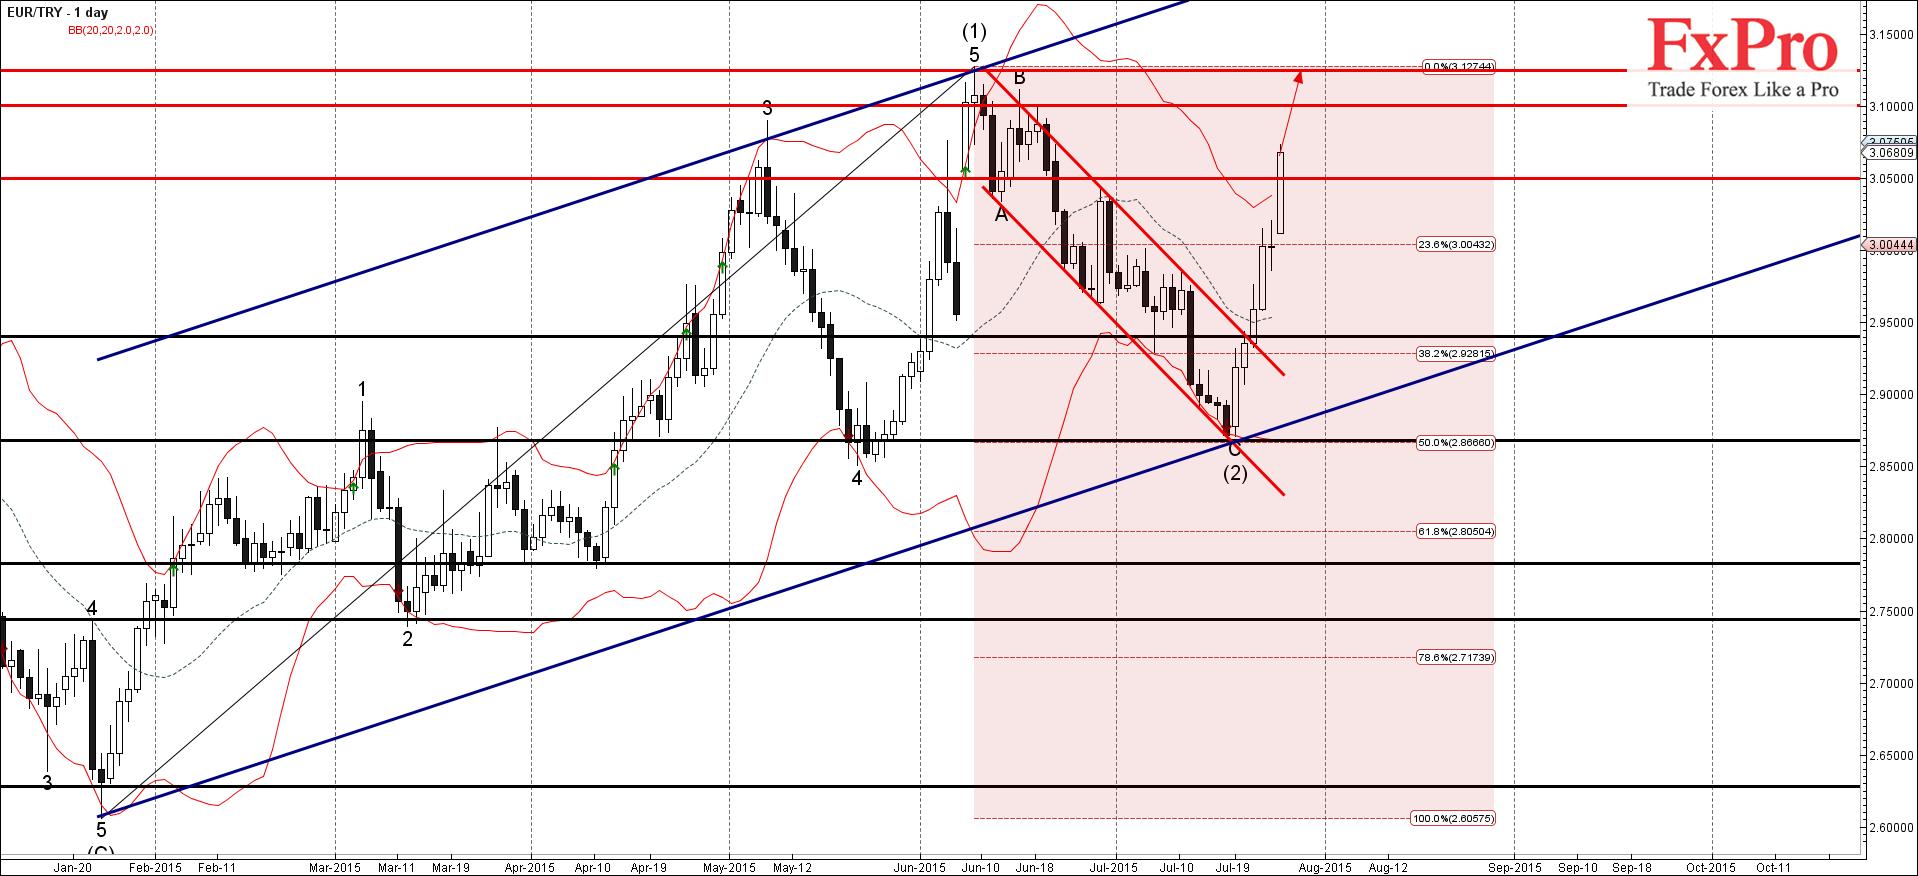 Прорыв 3.05 по EUR/TRY продолжает импульсную волну